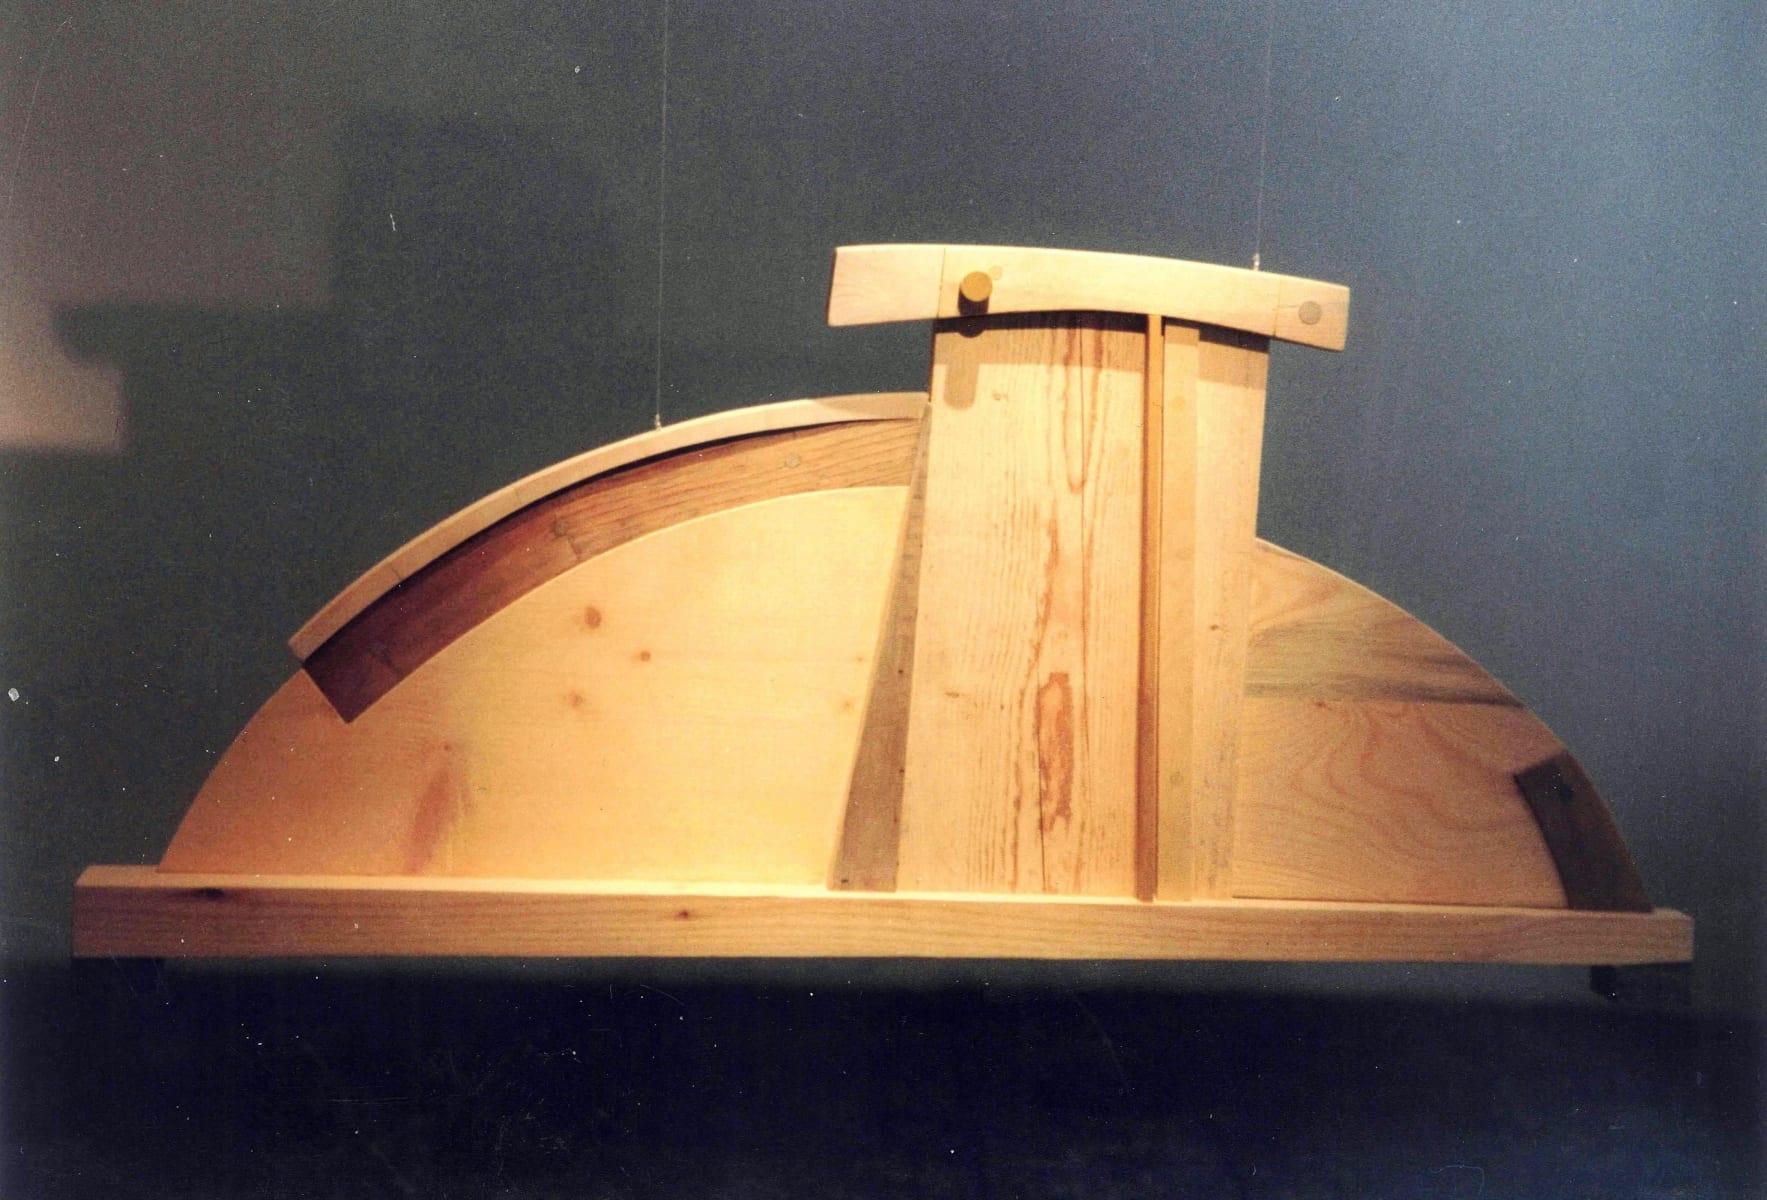 """""""NIMETU II"""" 1996 puu<br/> """"NAMELESS II 1996 wood"""